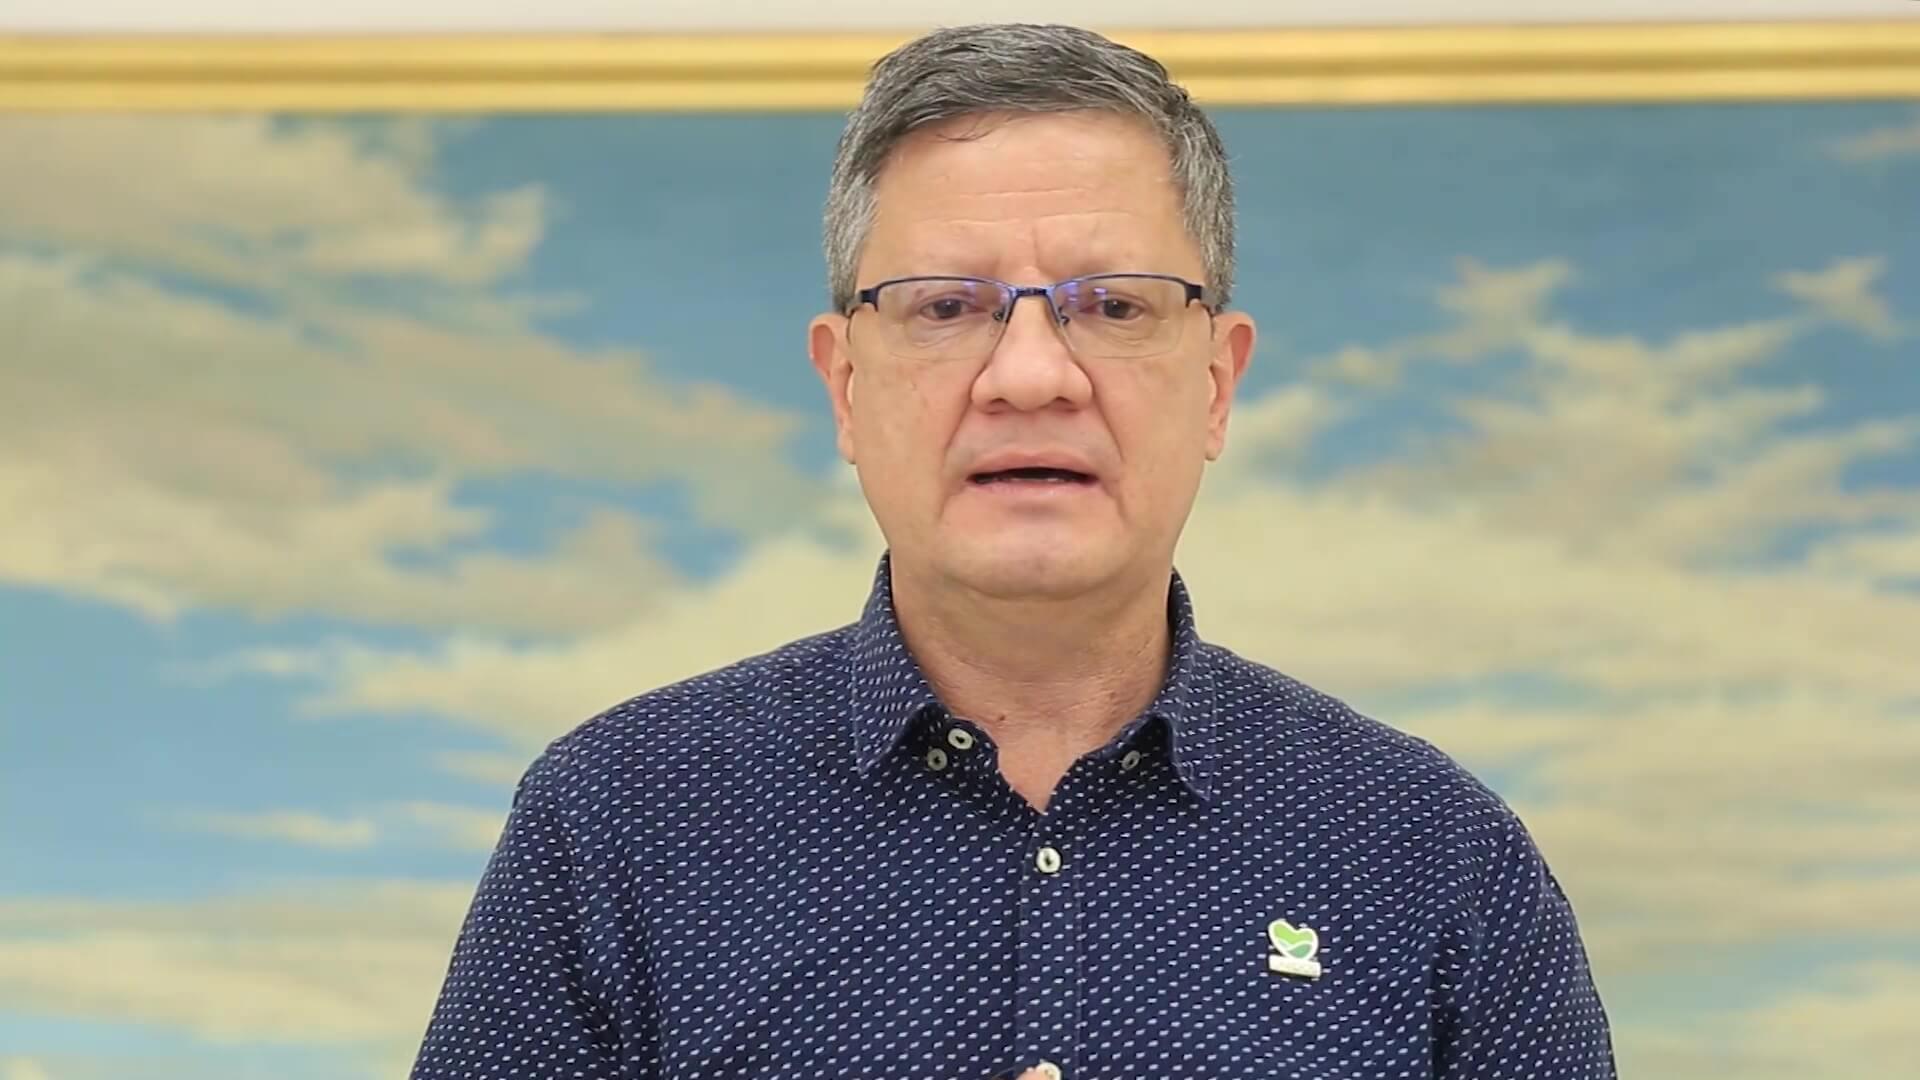 Gobernador hace un llamado al respeto por la vida